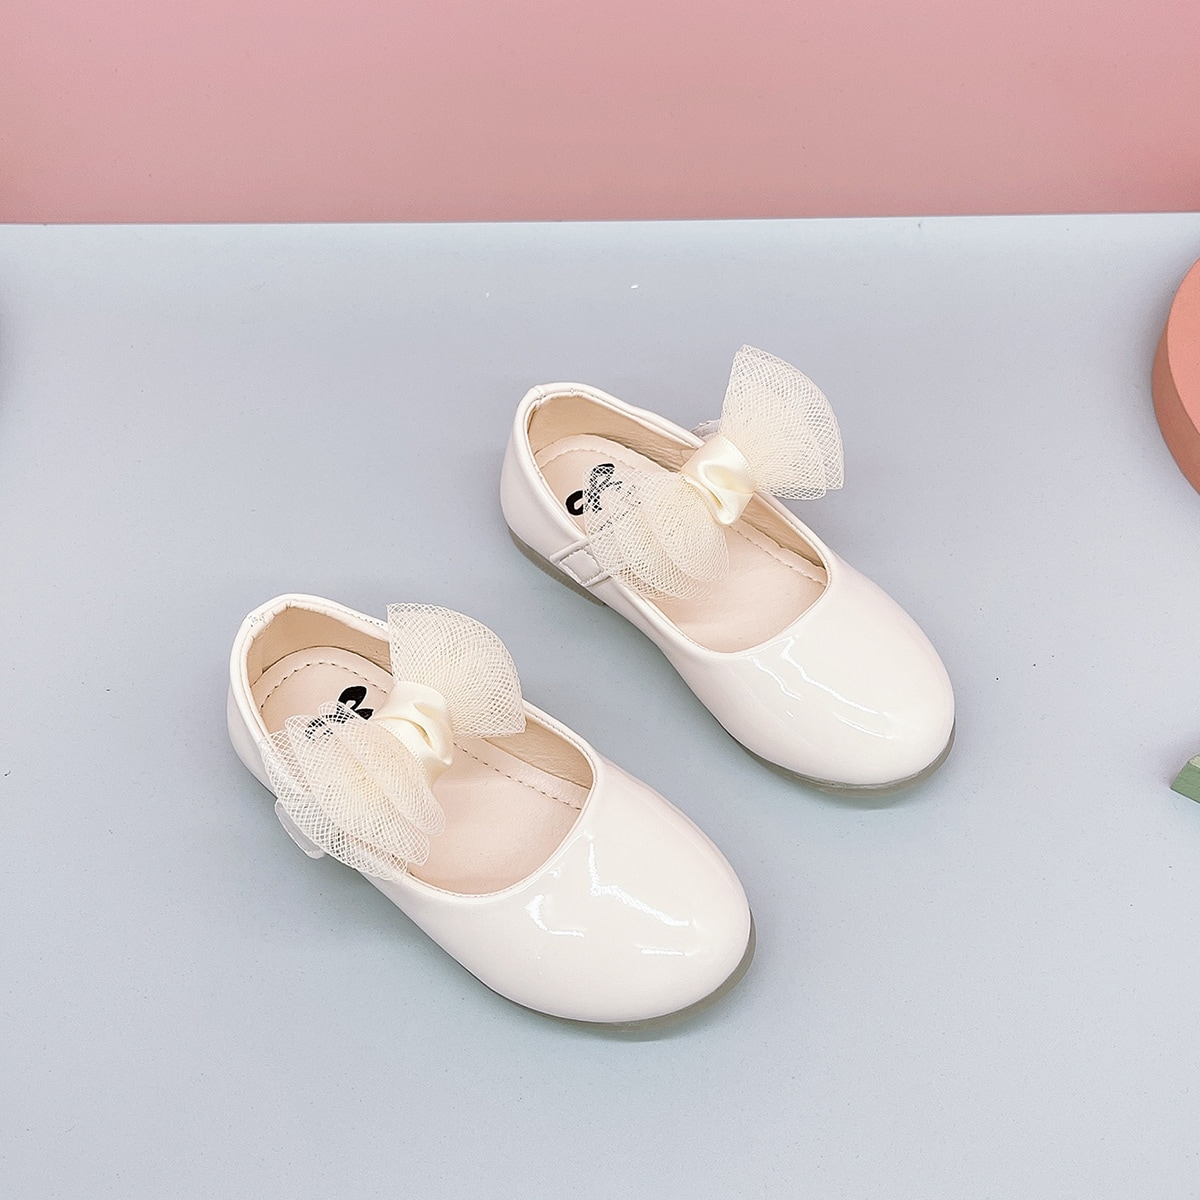 Туфли мэри джейн с бантом для девочек от SHEIN